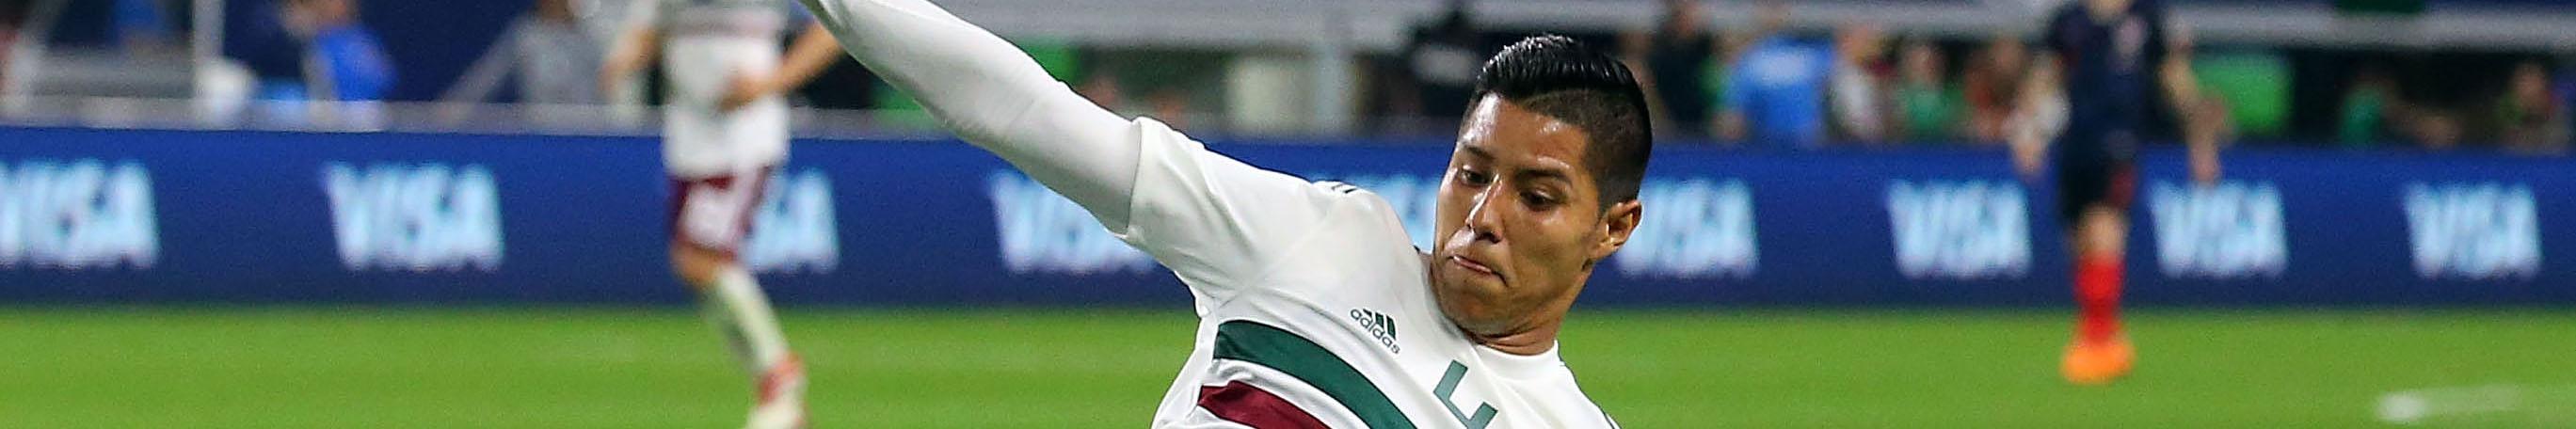 Nationalmannschaft: Auch Mexiko, Schweden und Südkorea noch nicht in Form